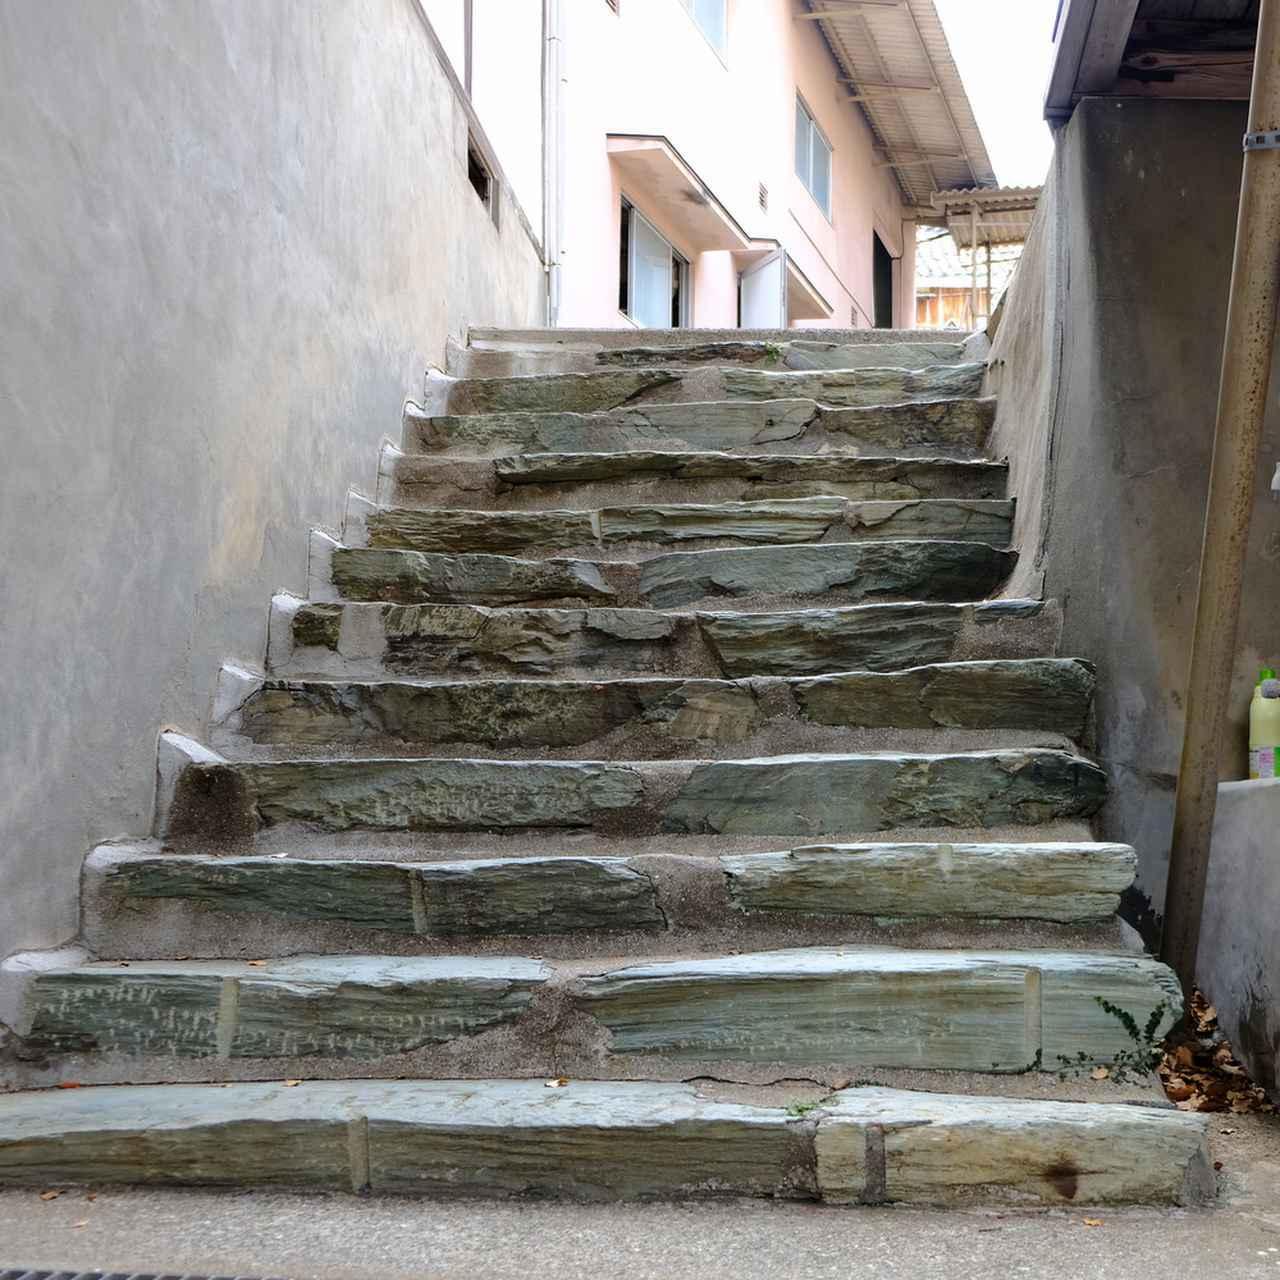 画像: ふと見ると中庭の階段も青石でした。愛媛県内では、町中の石塀や玉砂利などにも青石をたくさん見かけました。